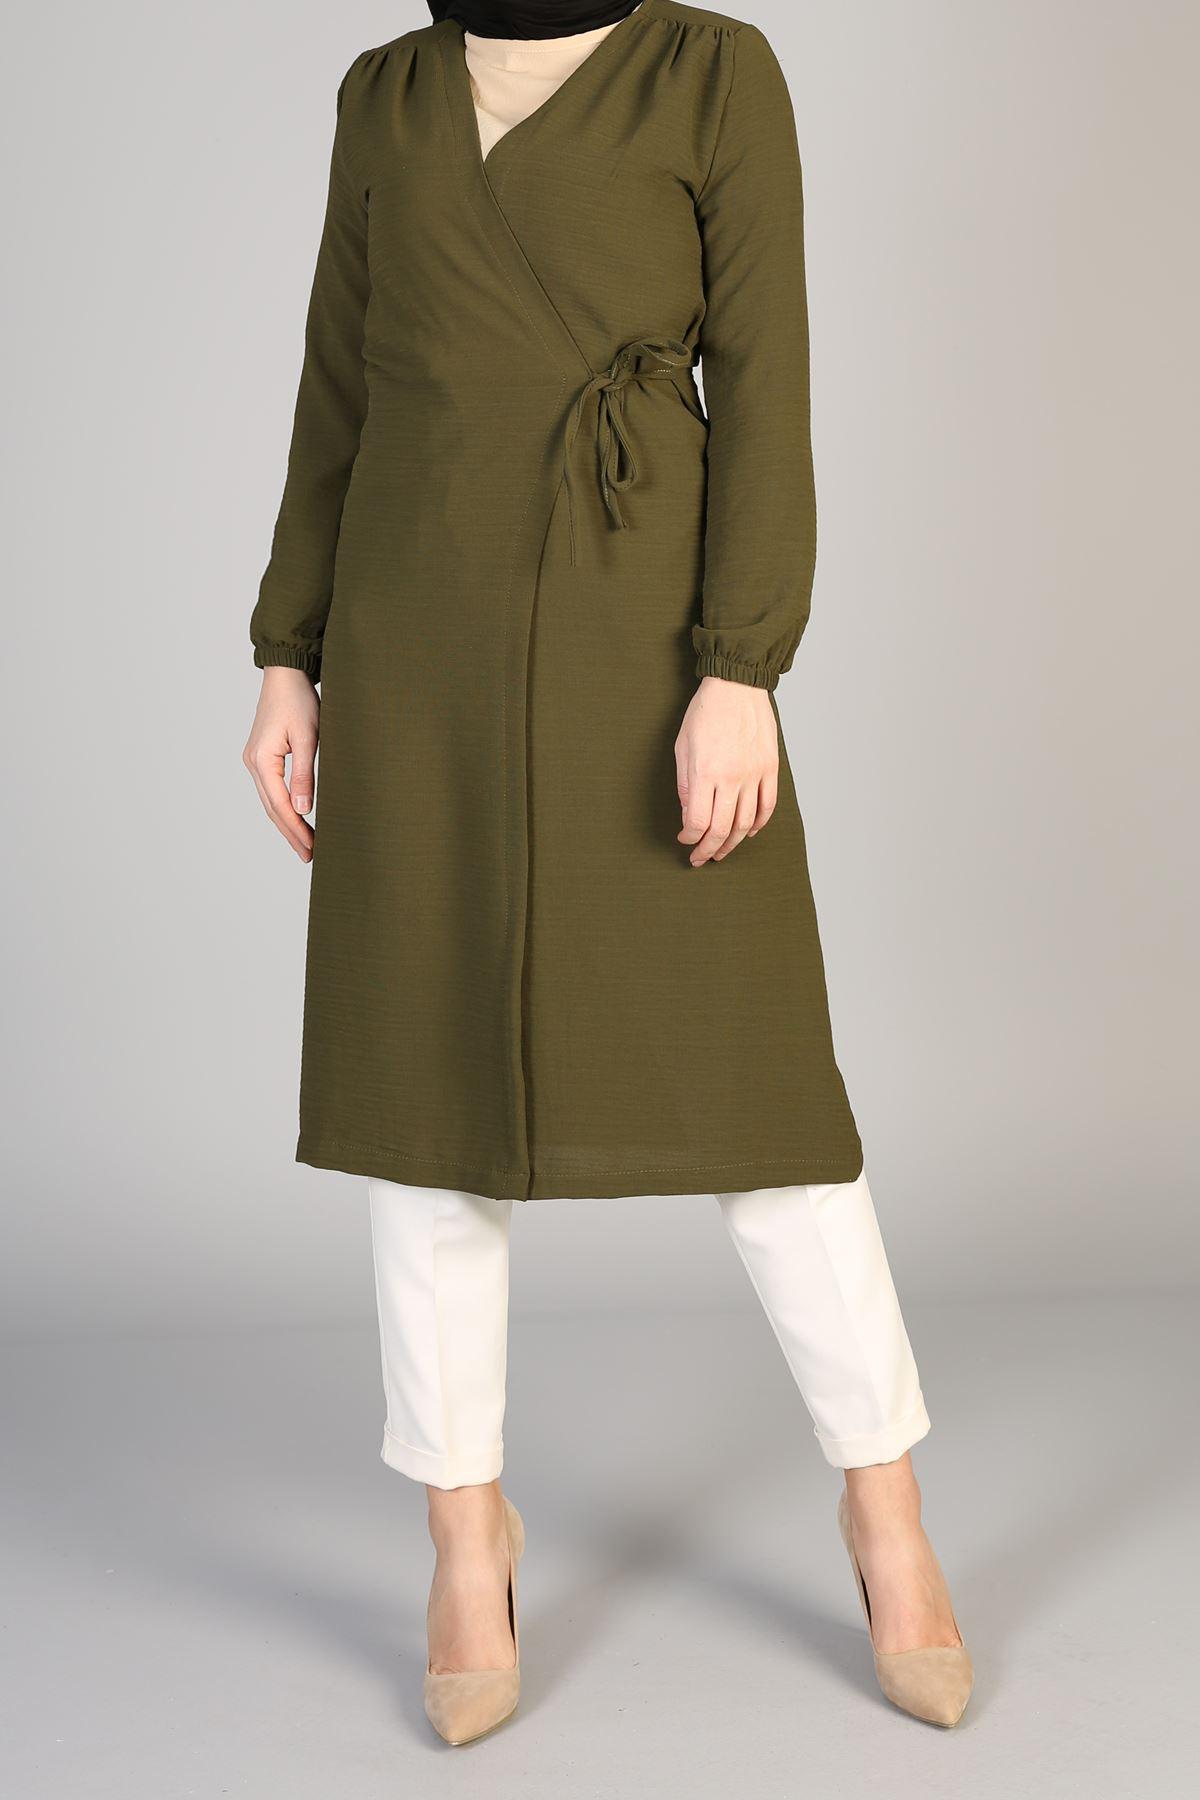 Omuz Pile Detaylı  Bağlamalı Ceket-Haki